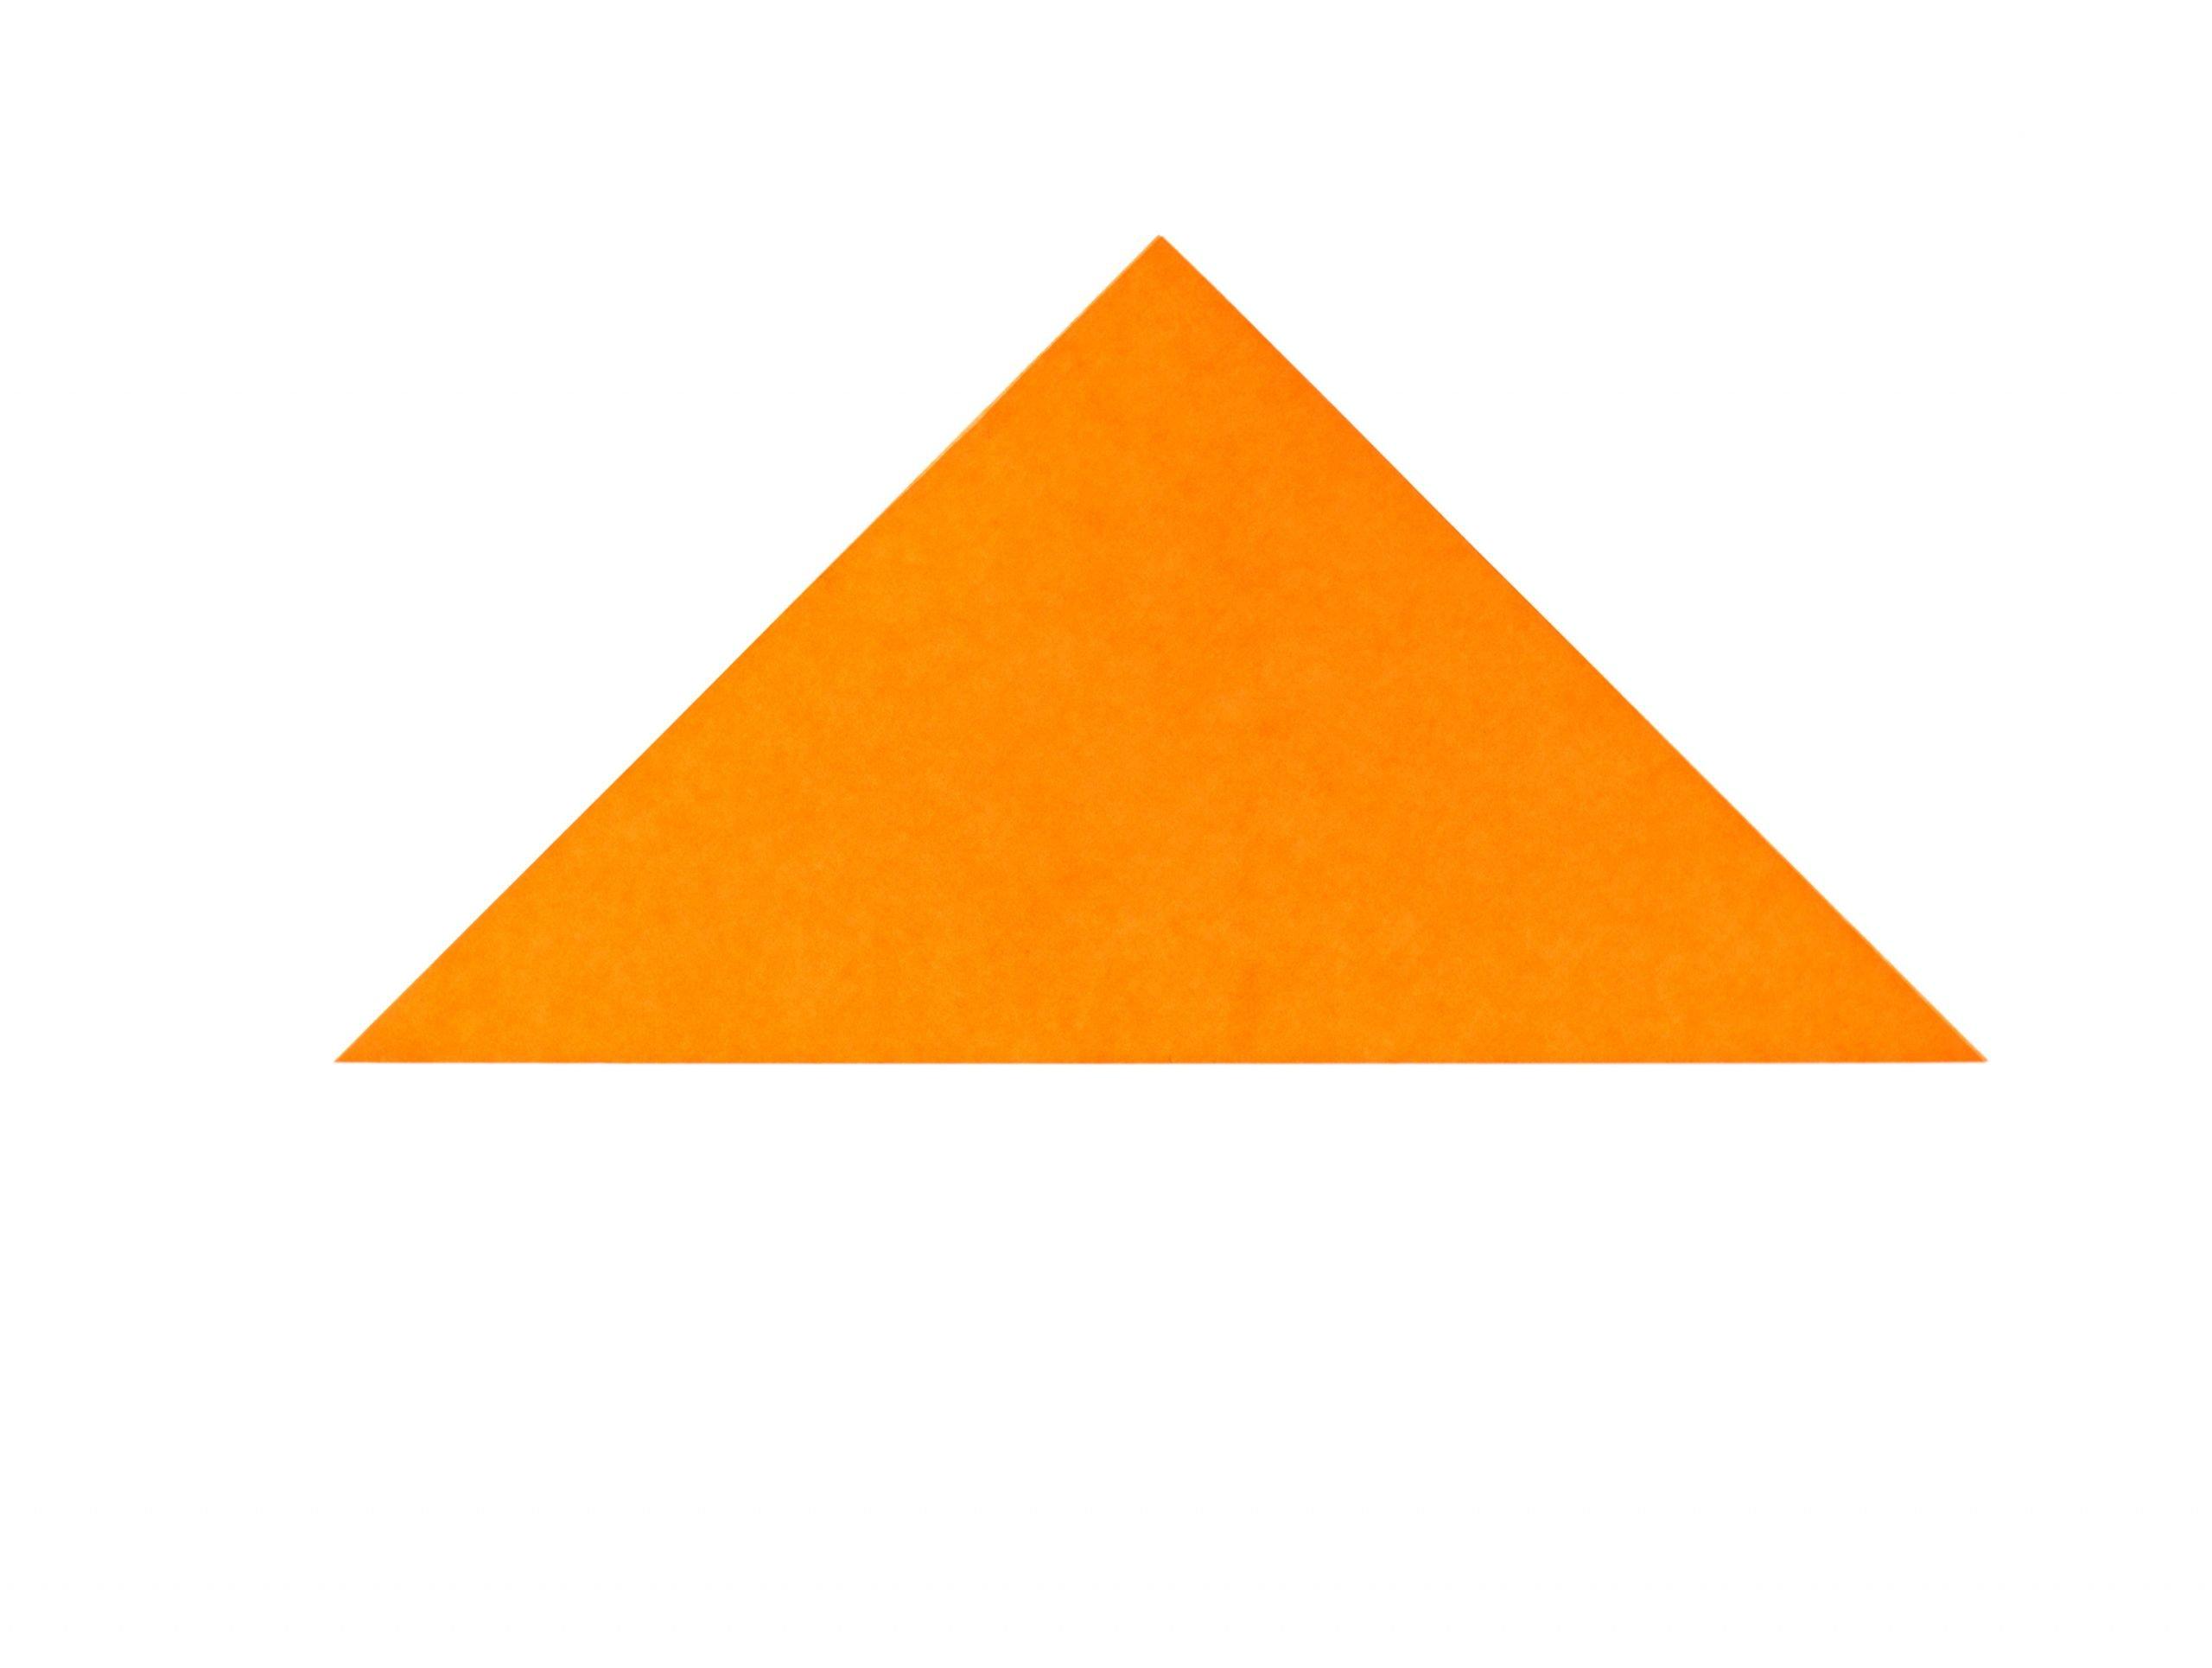 orange paper square folded in half